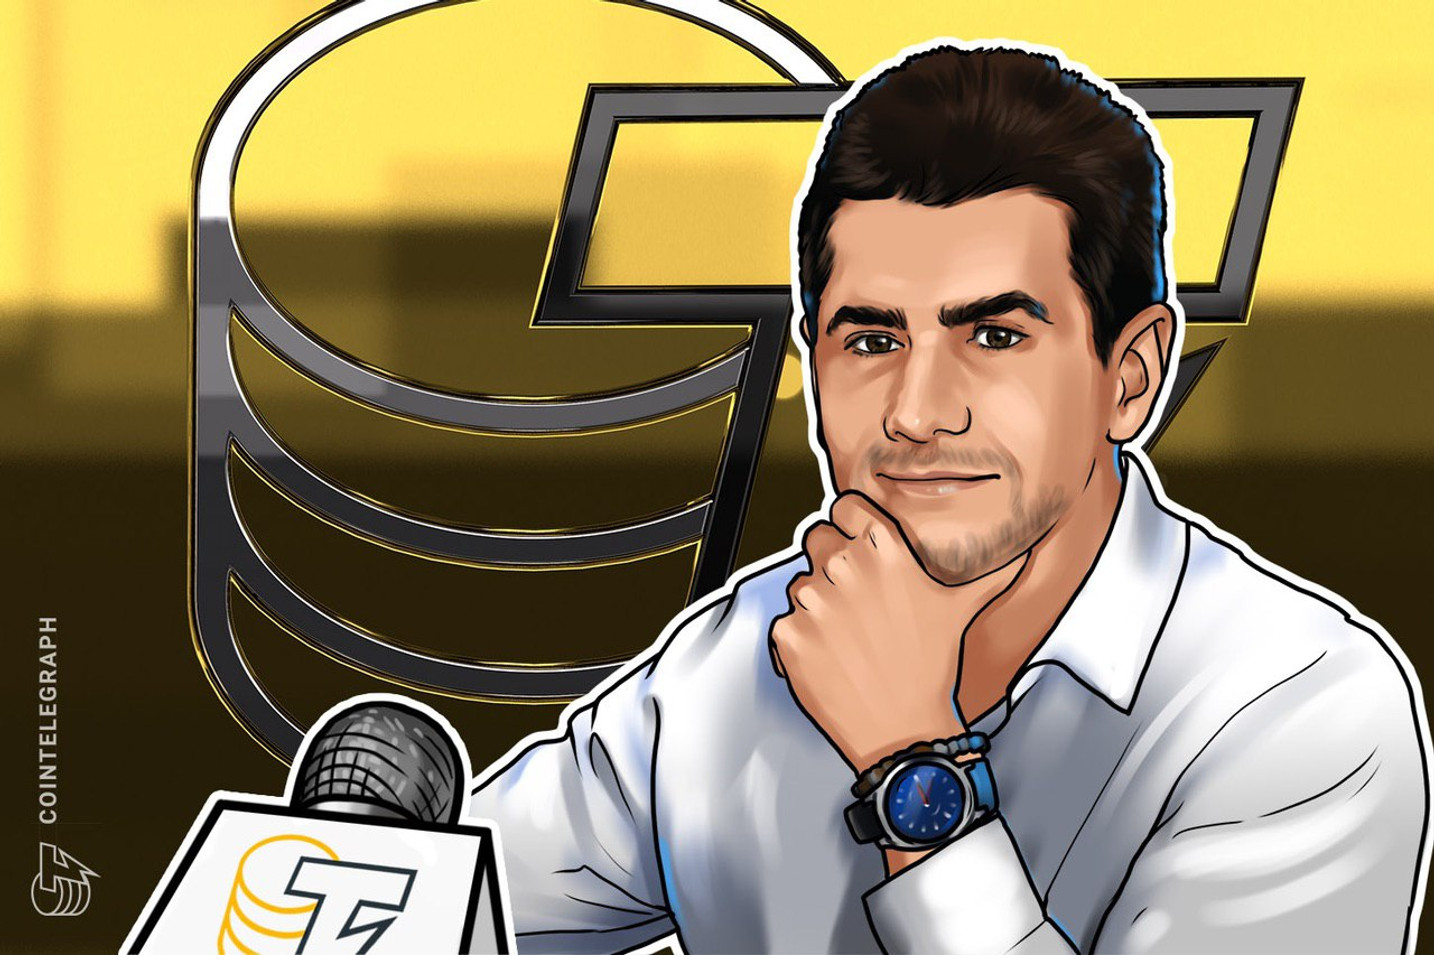 Icrypex CEO'su Gökalp İçer 2020 Öngörülerini Paylaştı